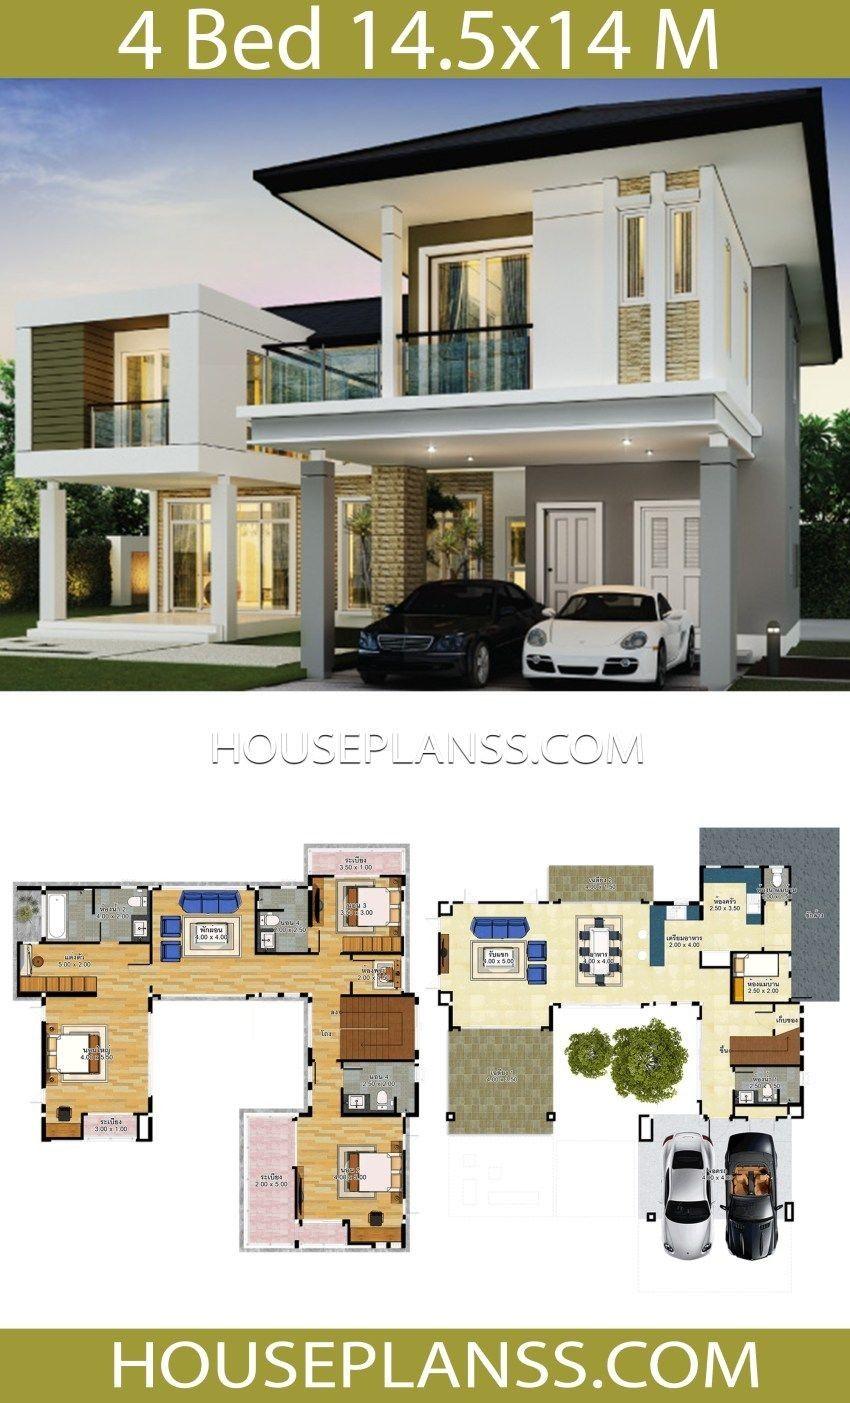 Idea Di Design Casa 14 5x14 Con 4 Camere Da Letto Idea Di Design Casa 14 5x14 Con 4 Camere Da Letto Piani Casa Sam Arsitektur Rumah Indah Arsitektur Rumah